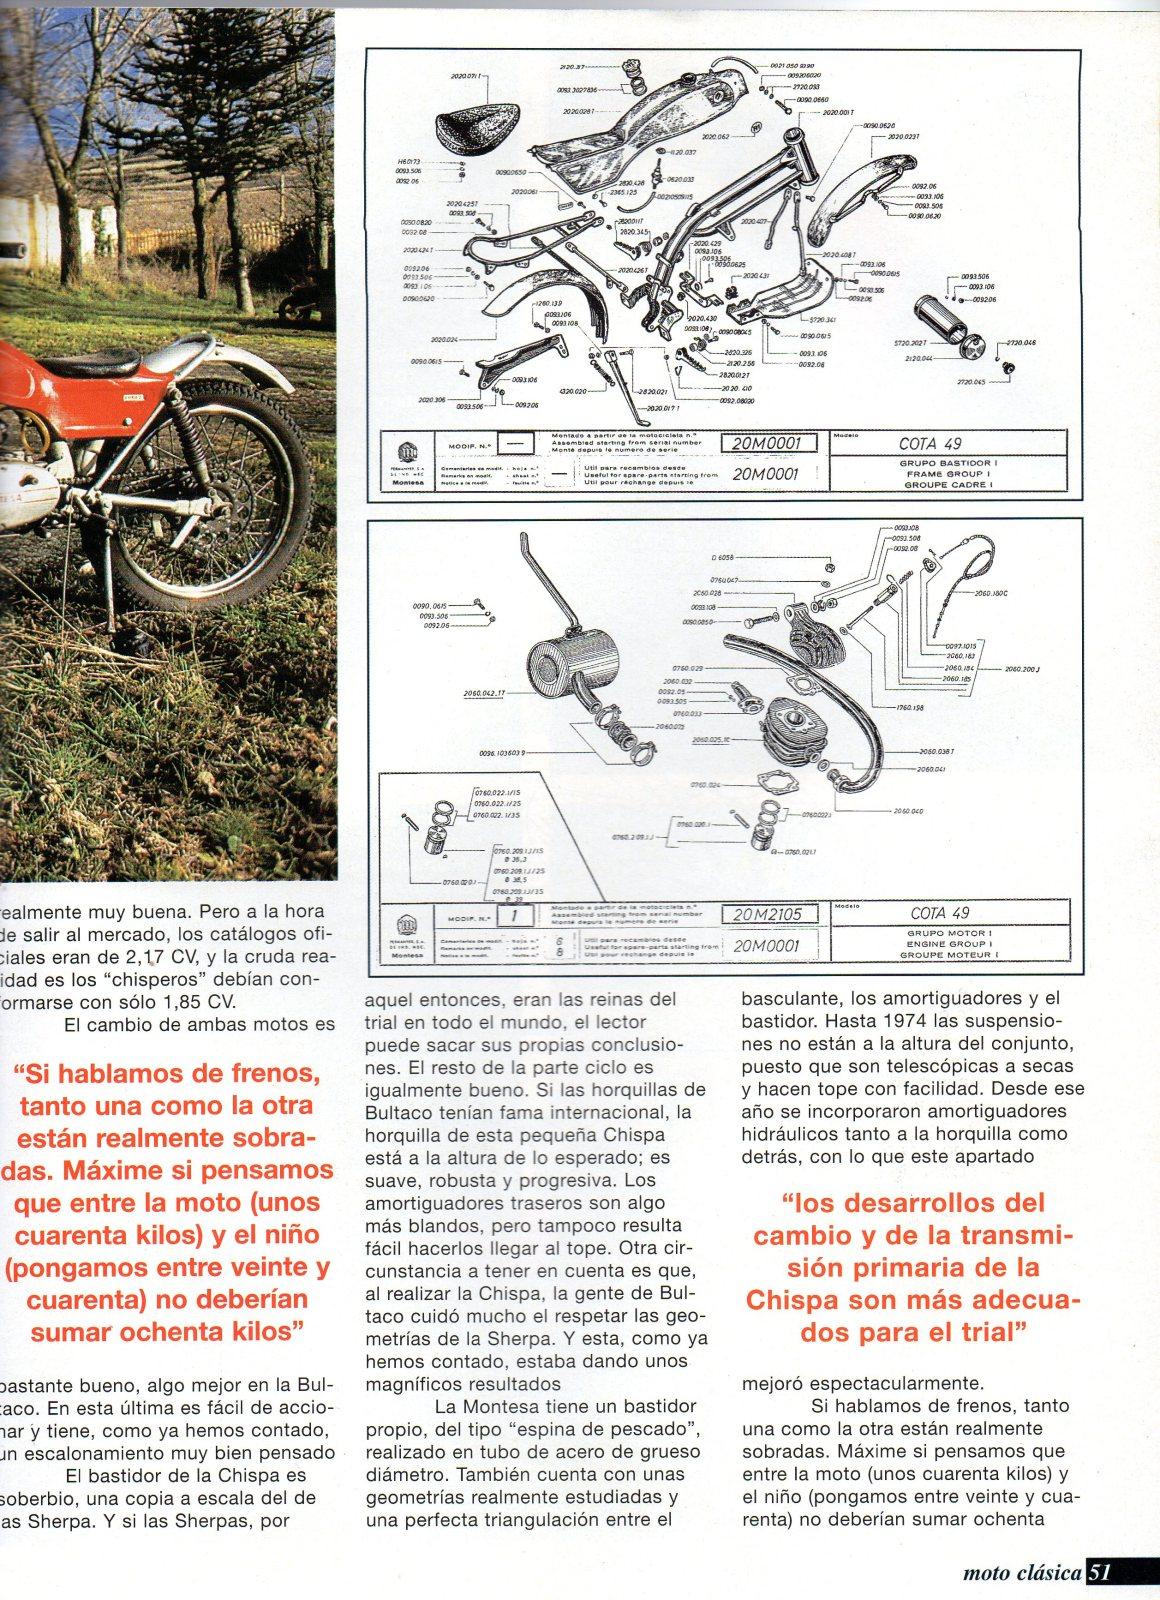 Comparativa Cota 25 con Bultaco chispa 154gk5i